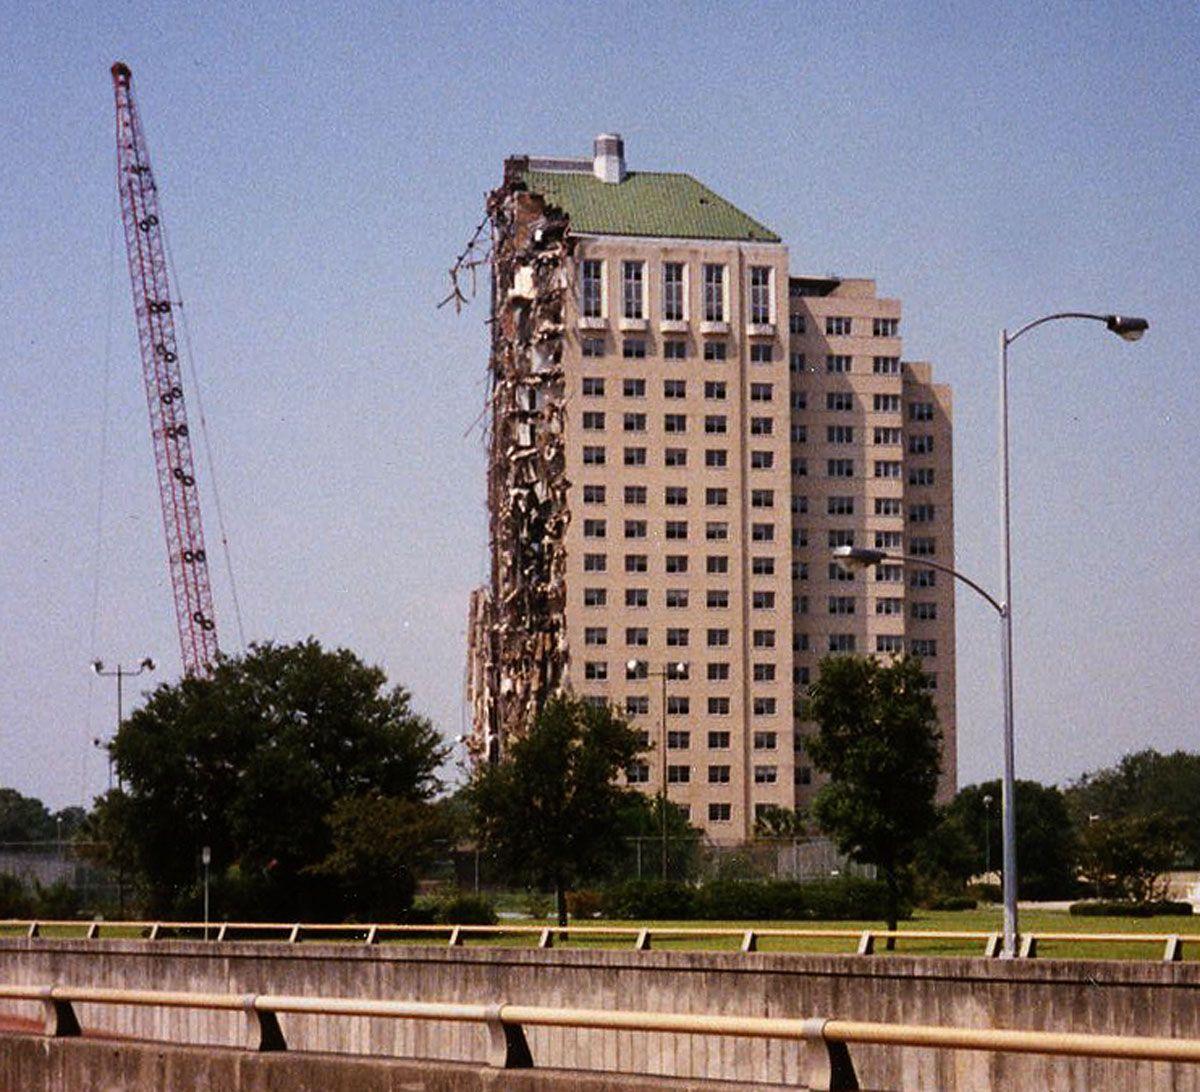 Uncategorized Shamrock History the demolition of shamrock hotel houston texas 1987 places 1987